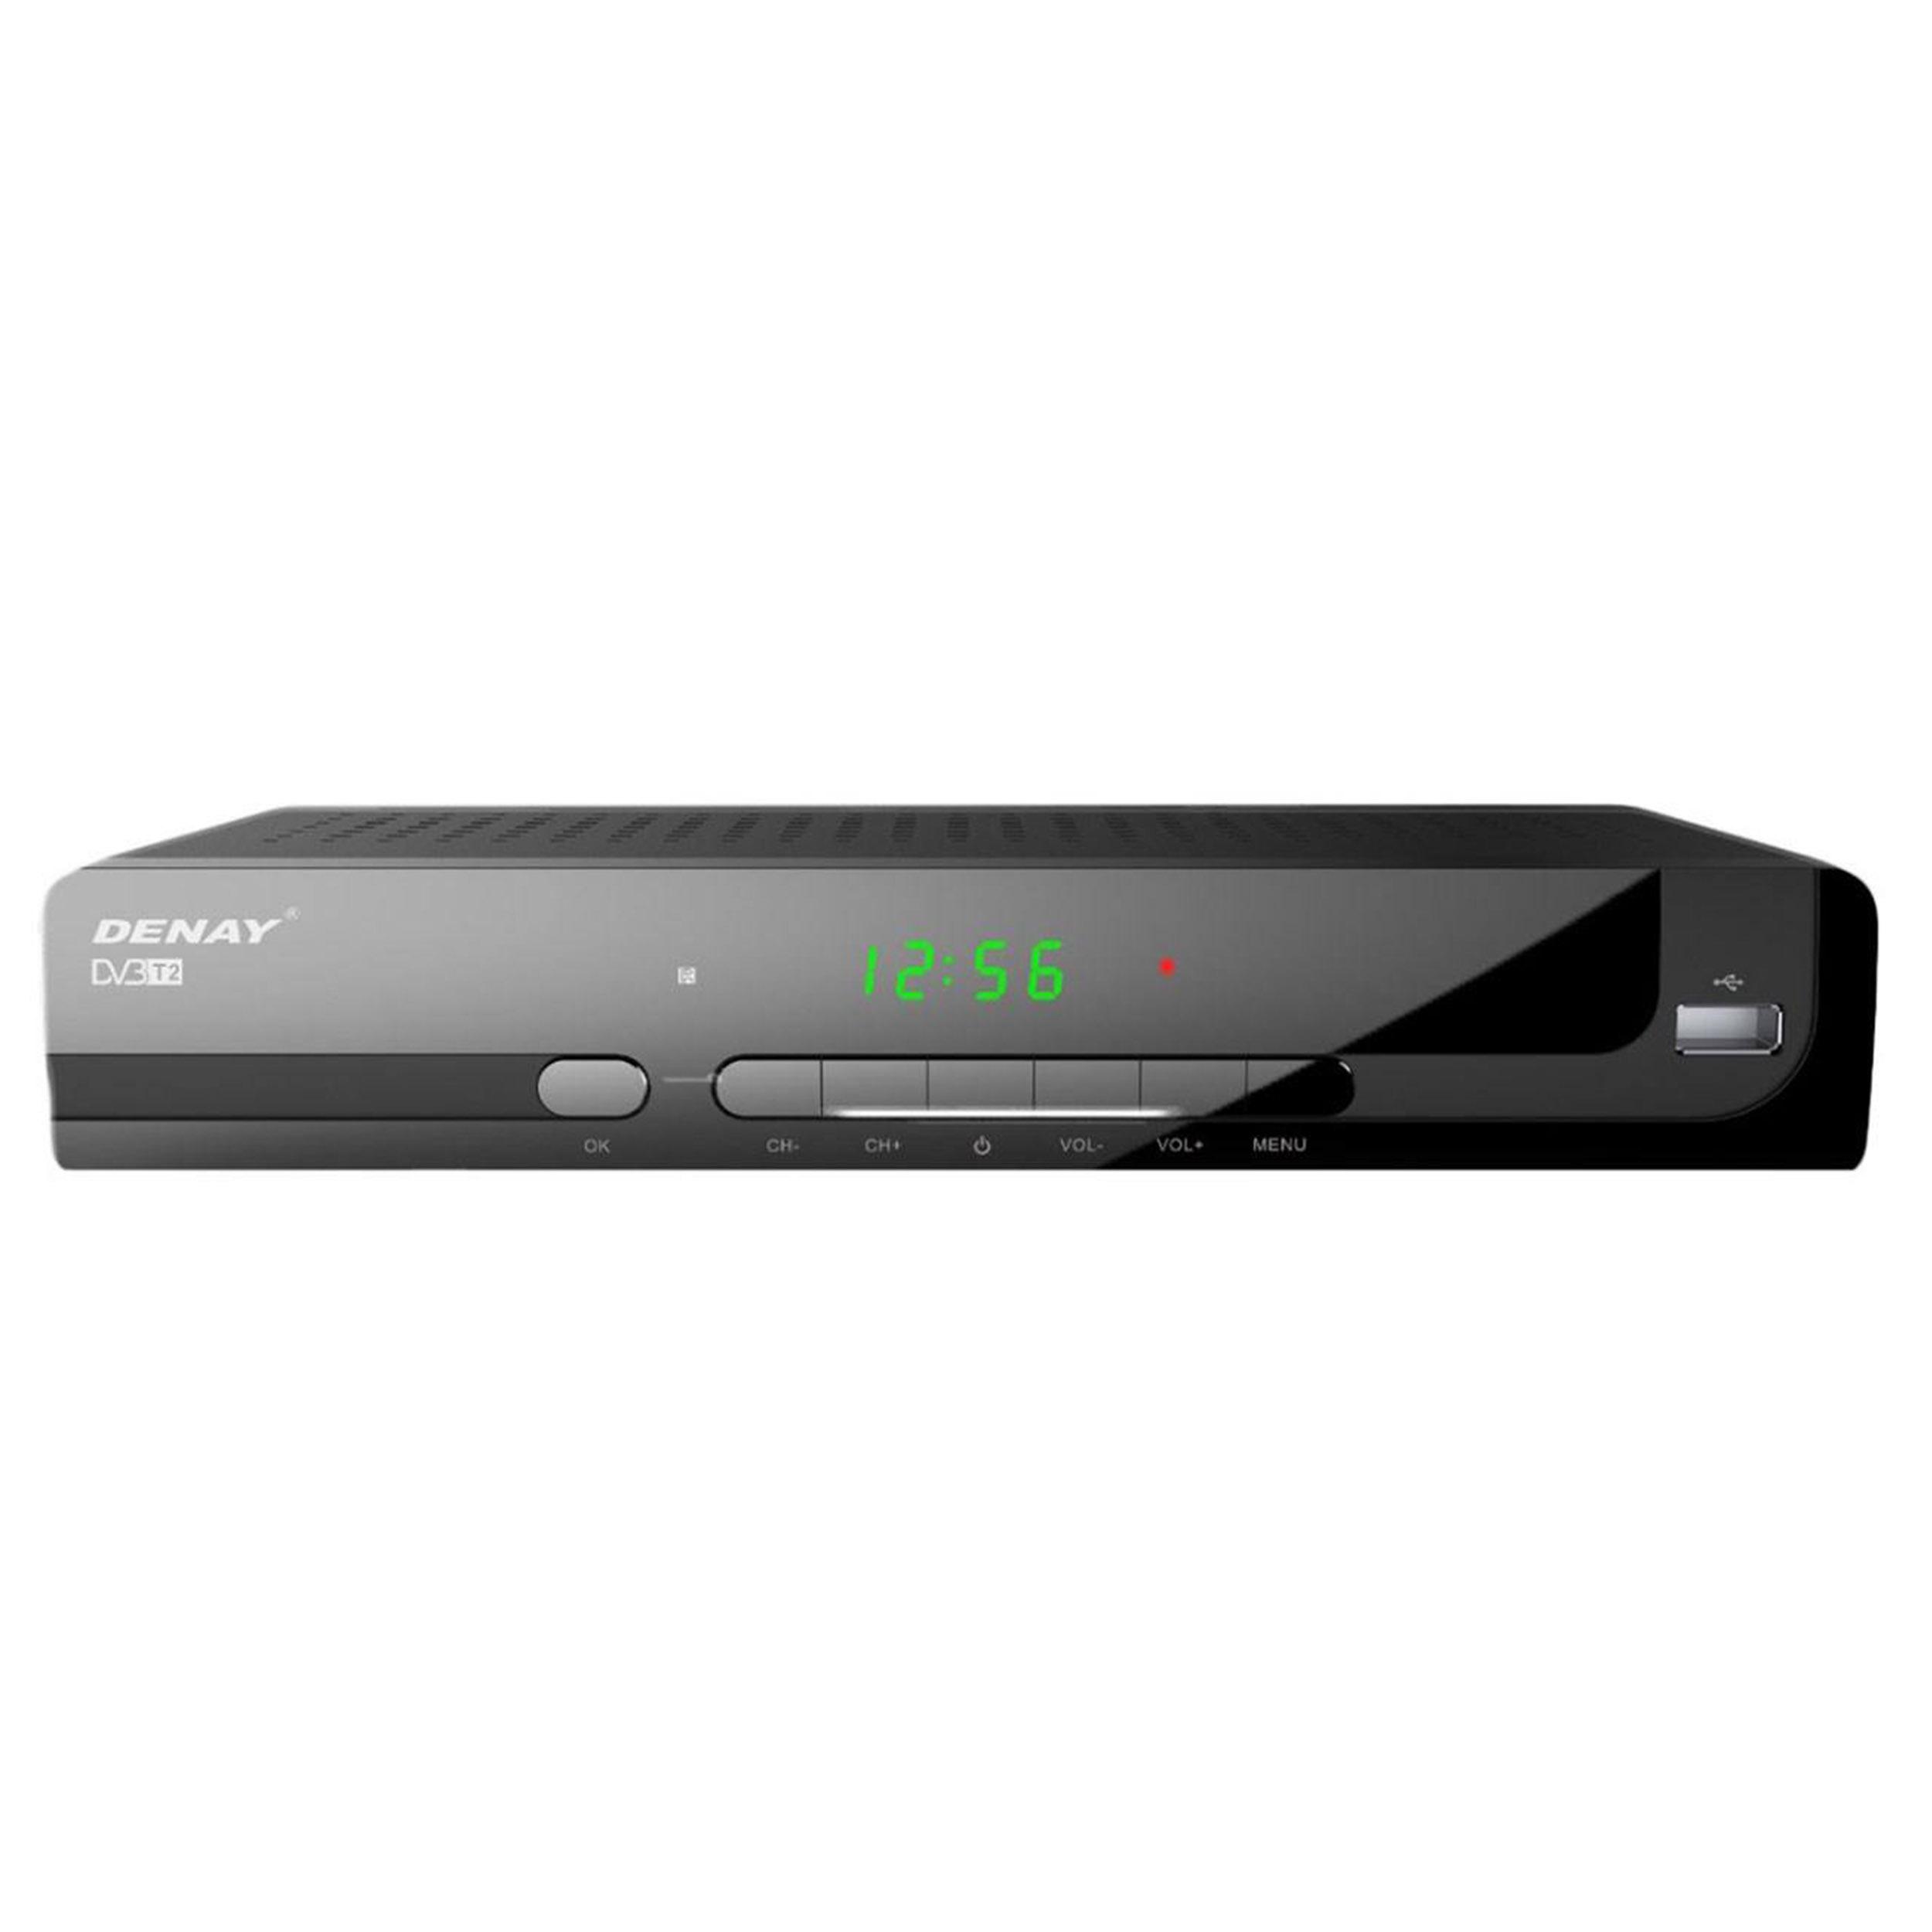 تصویر گیرنده تلویزیون دیجیتال دنای مدل DVB-T STB954T2 به همراه آنتن رومیزی پروویژن DVB-T601